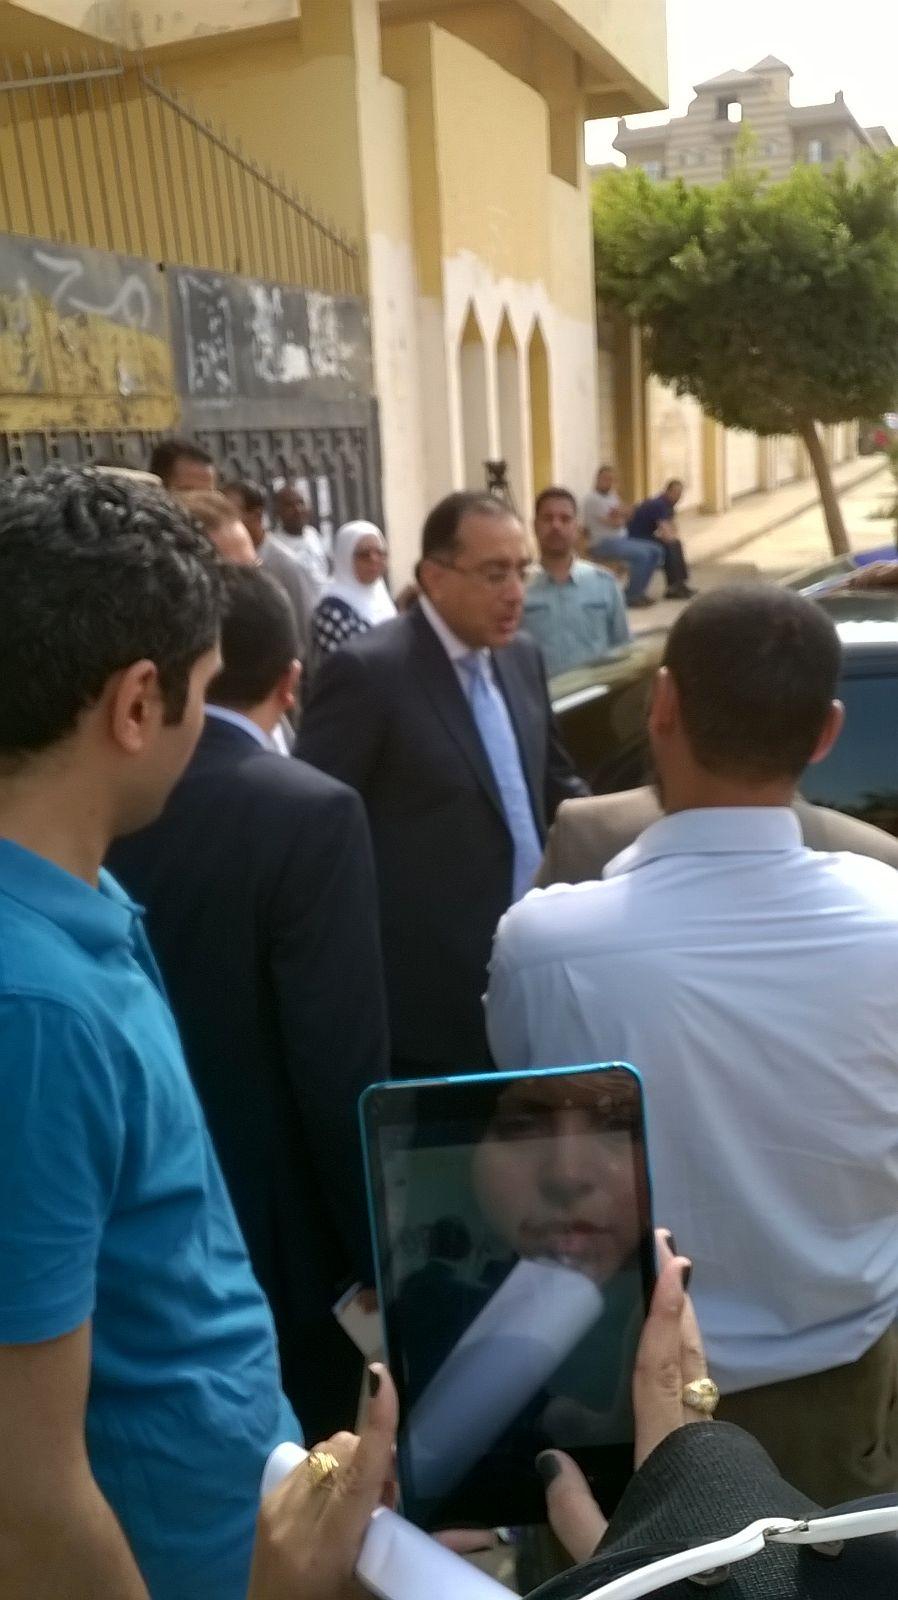 بالصور.. وزير الإسكان يدلي بصوته في الانتخابات بإحدى لجان الشيخ زايد